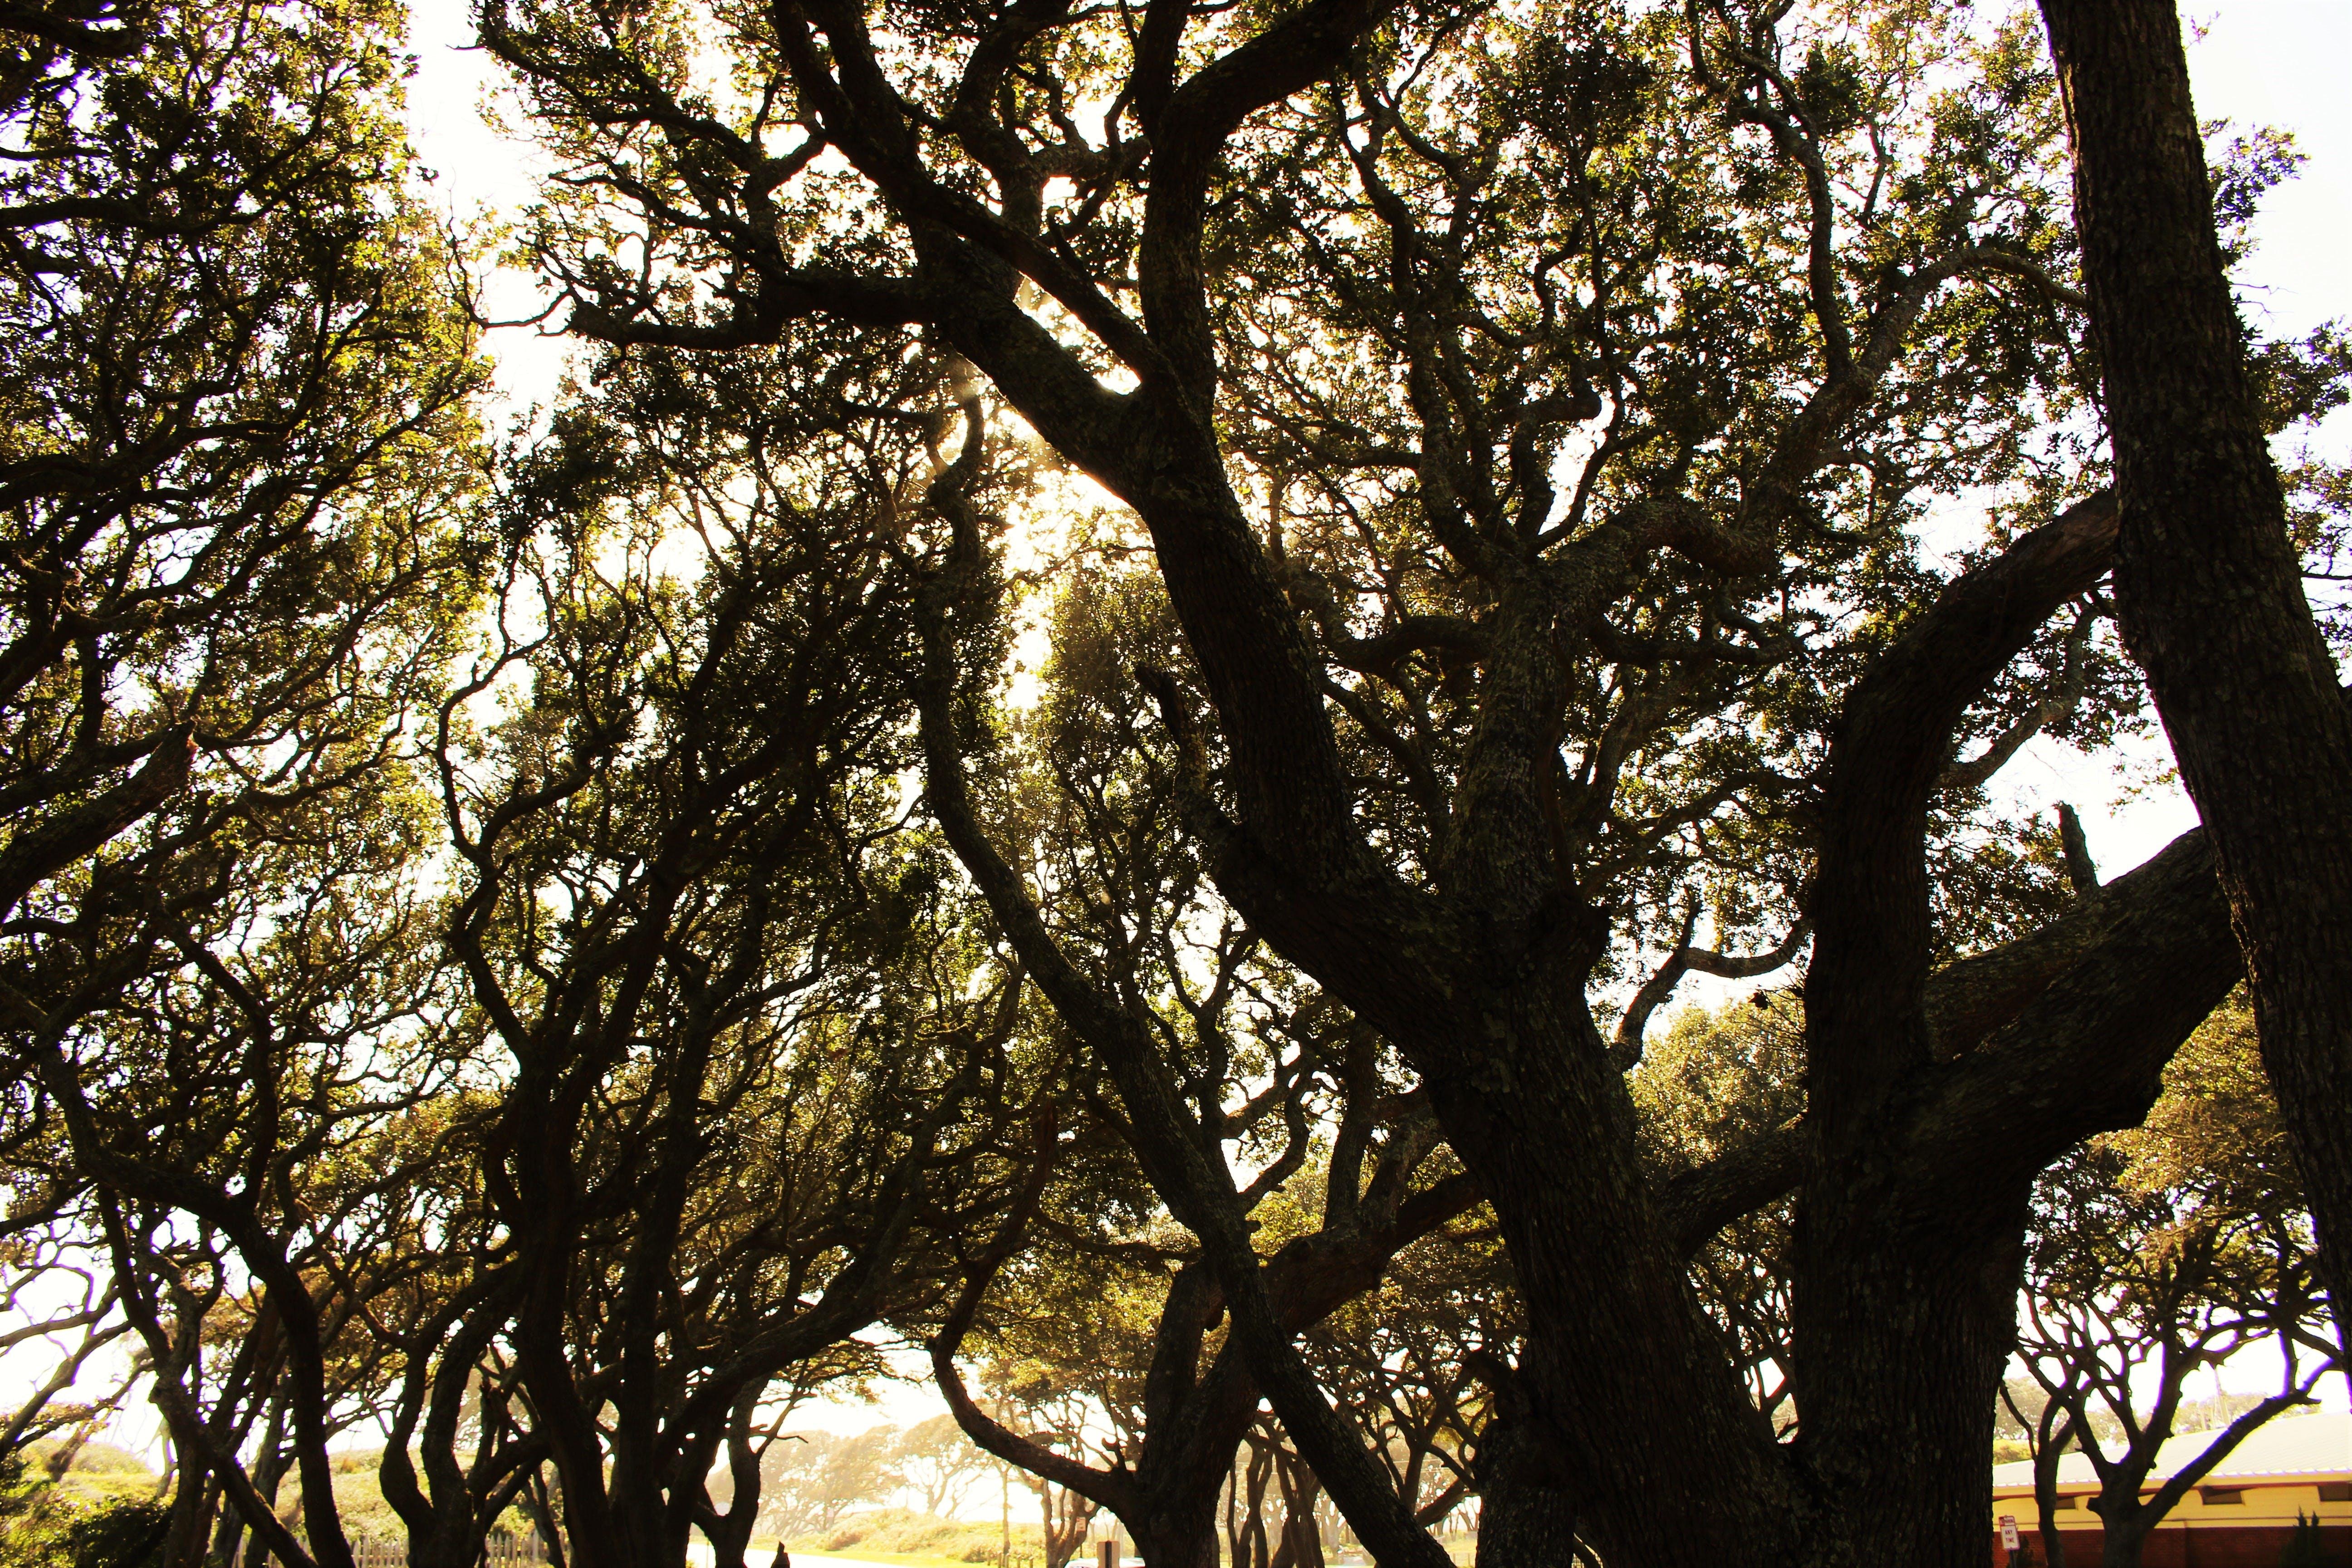 Kostenloses Stock Foto zu bäume, natur, sonne, die durch bäume emporragt, sonnig